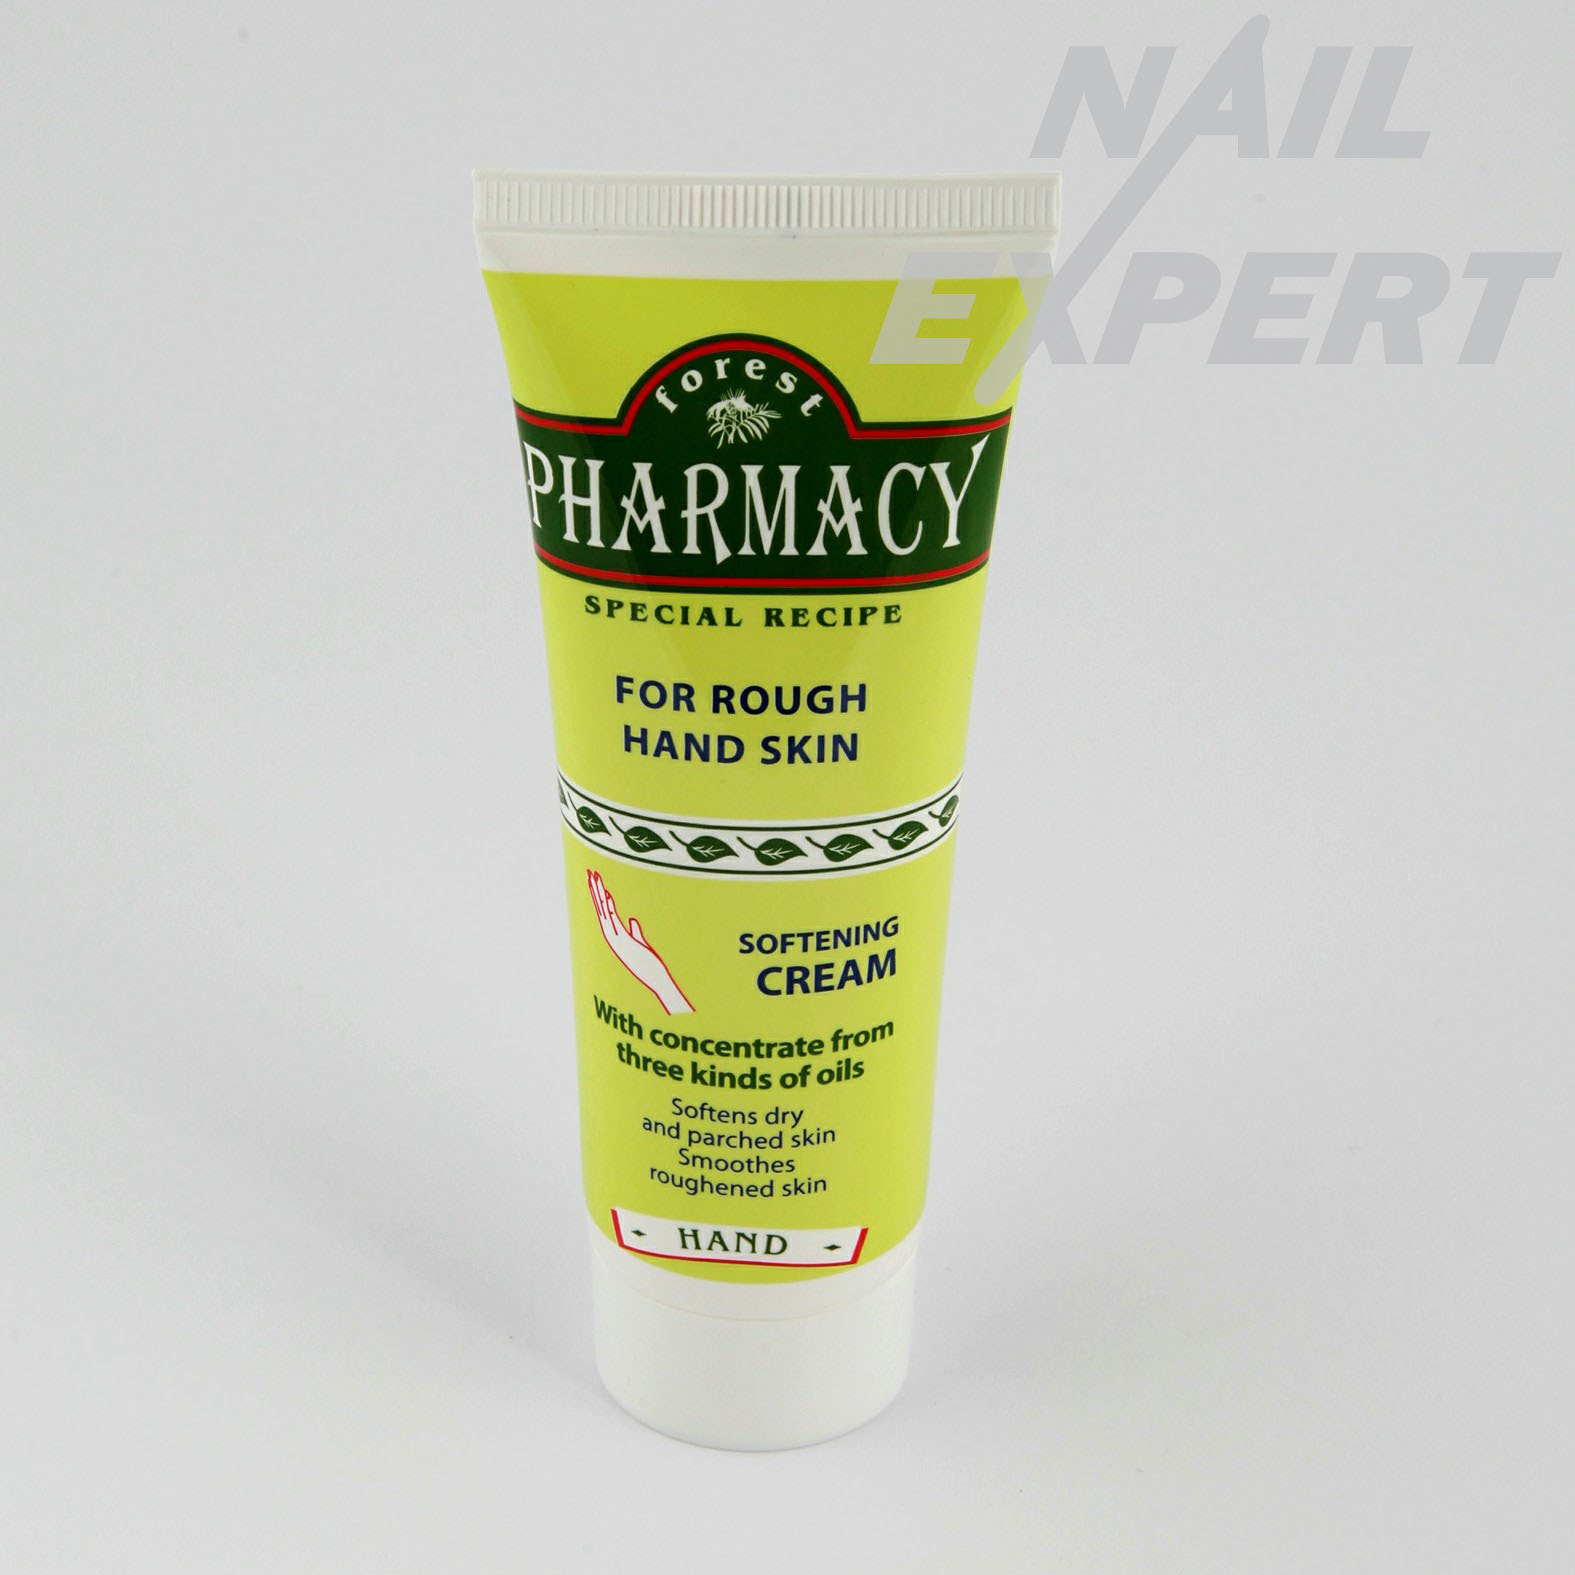 Nail Expert Softening cream